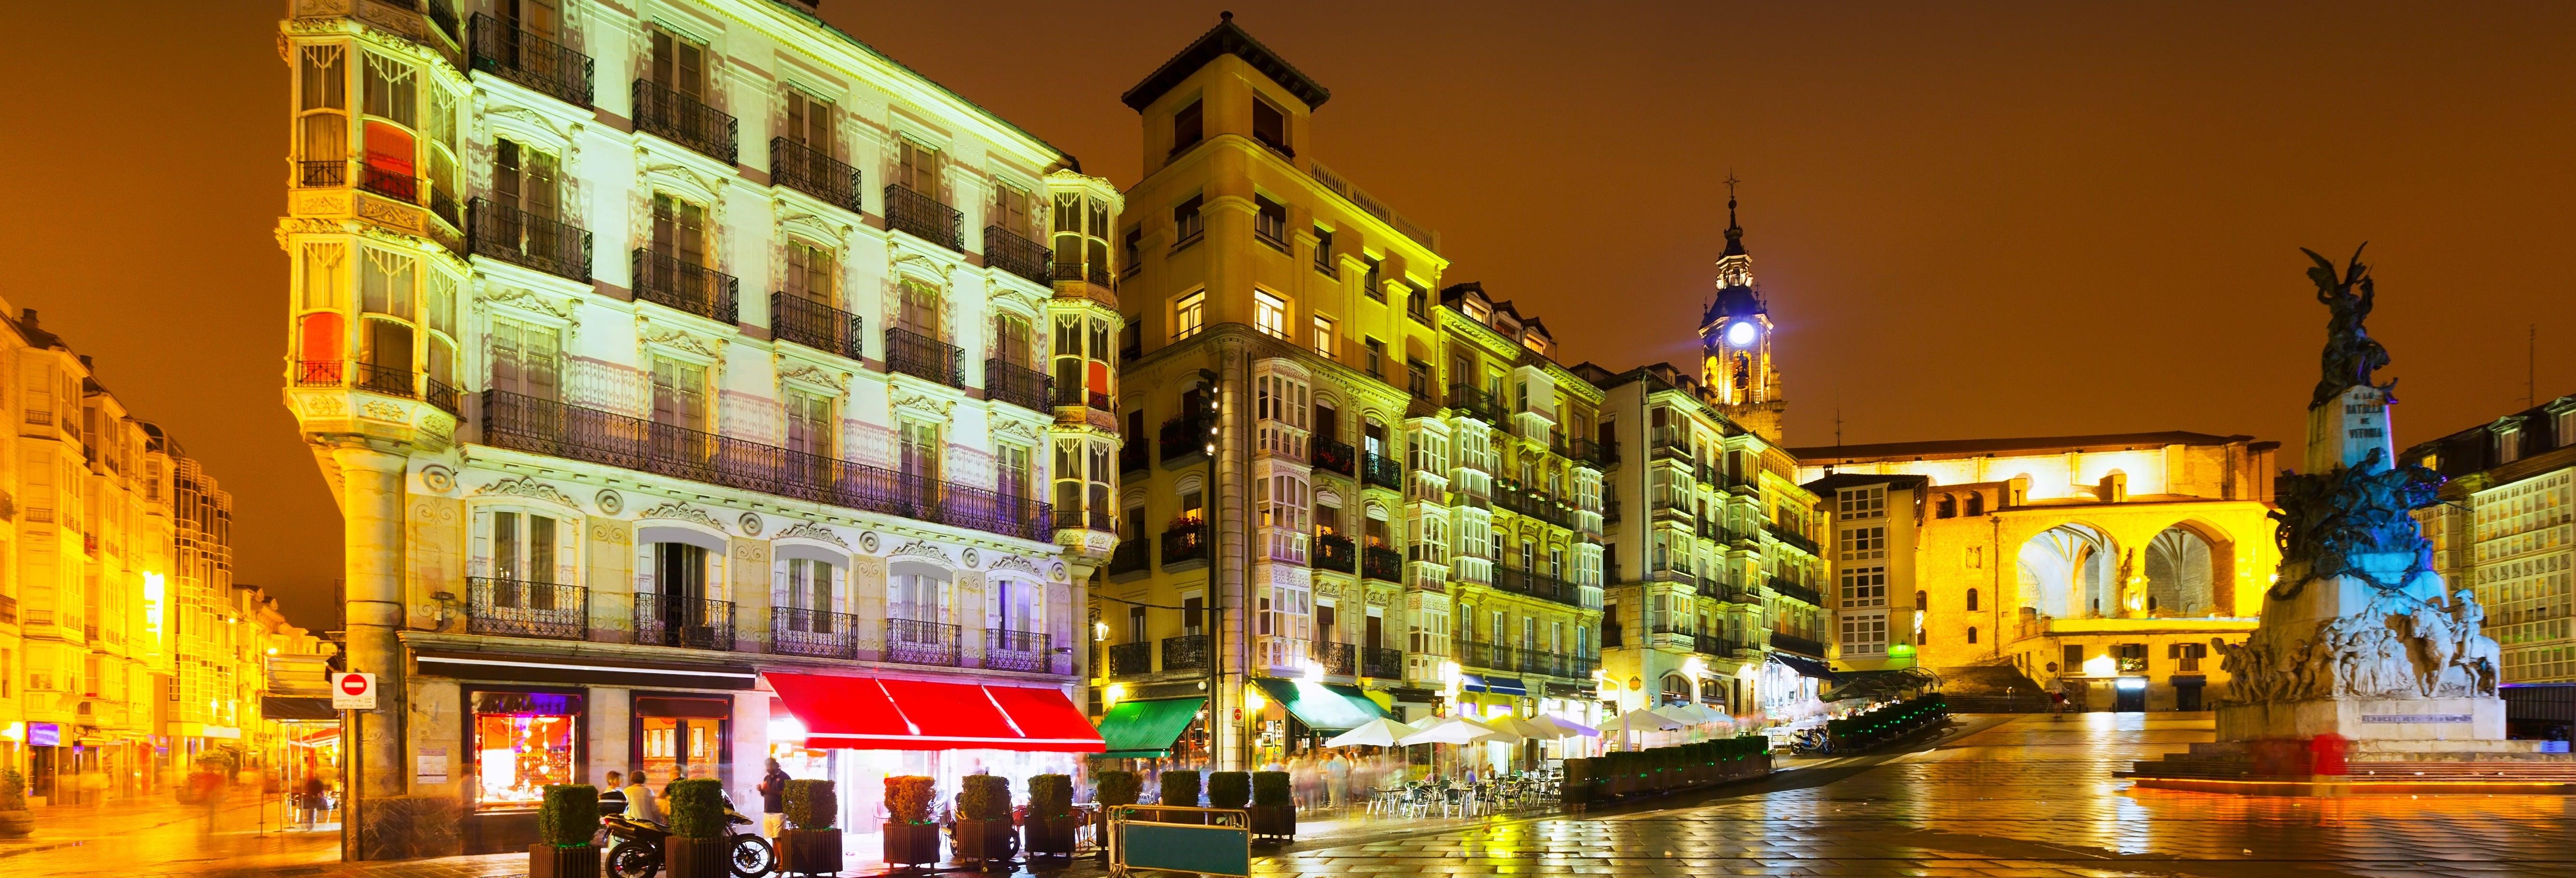 Free tour de los misterios y leyendas de Vitoria